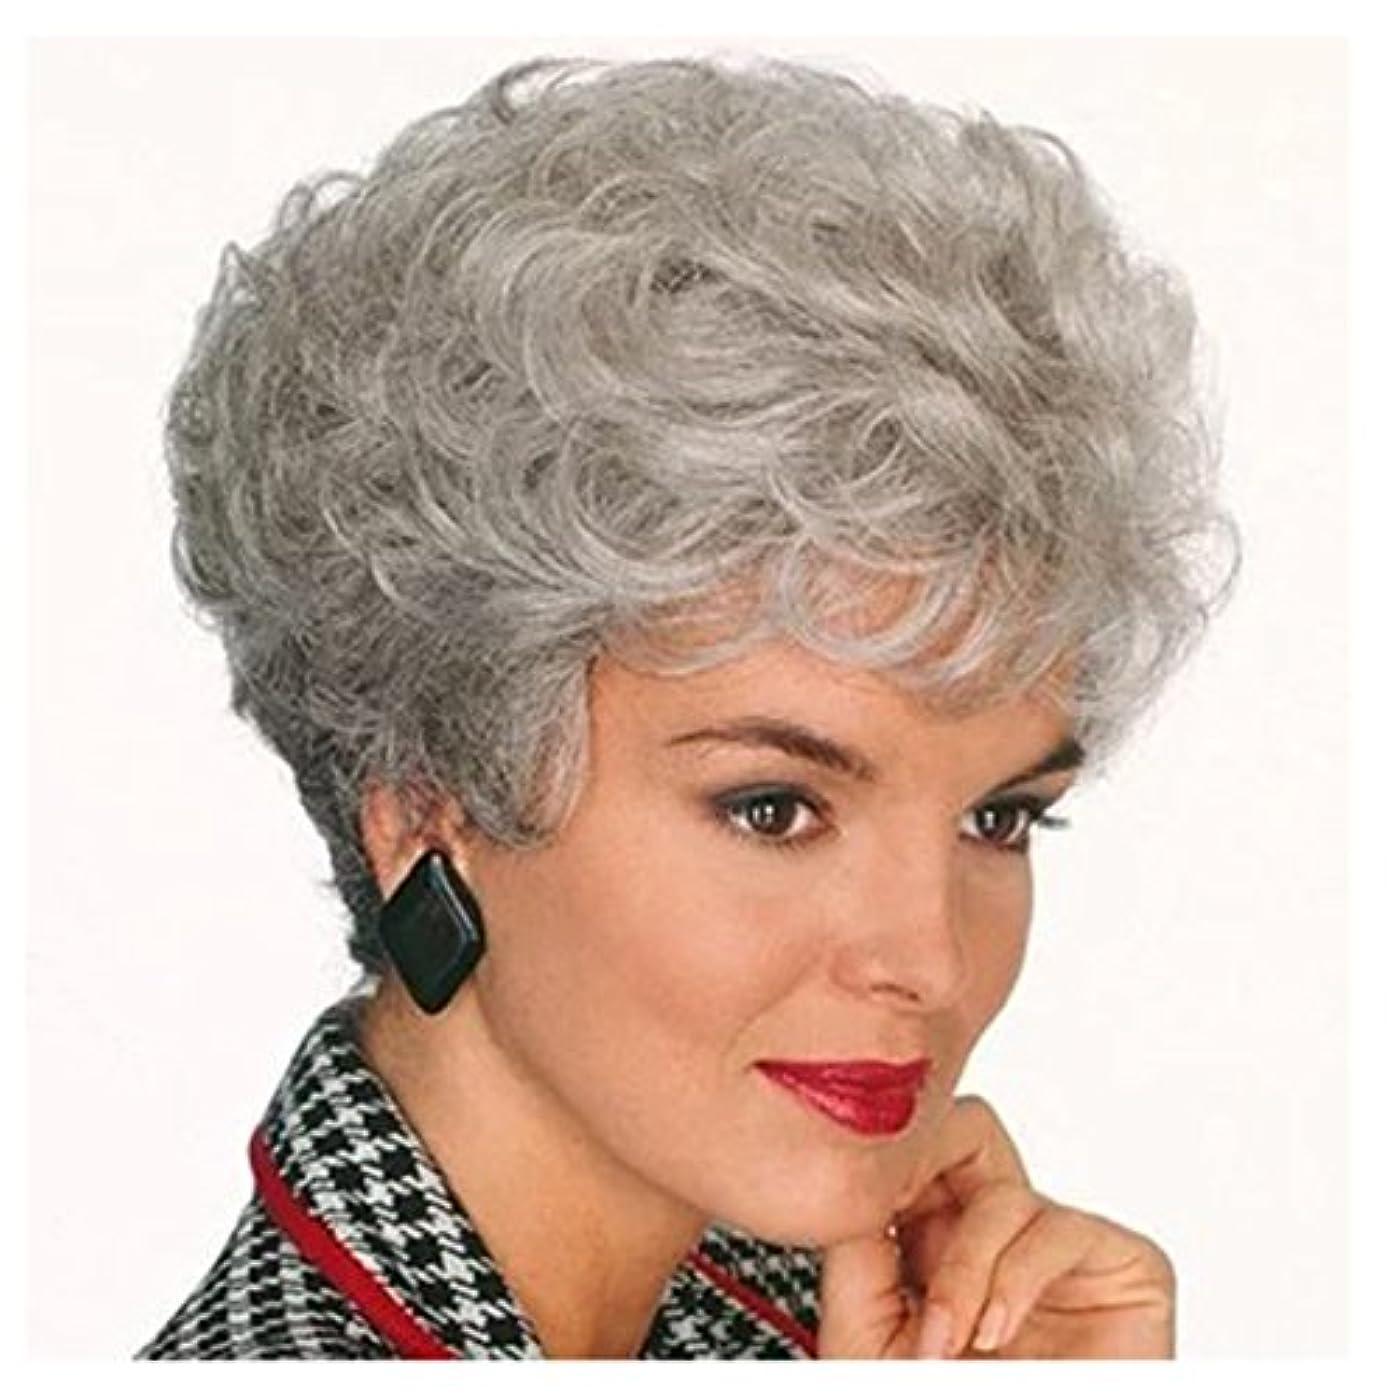 期限切れ腸面白いYOUQIU コスプレ中年と古い人々のために150グラムフラッツ前髪ウィッグで女性や男性の髪ふわふわナチュラルウィッグ用ショート全頭ウィッグ(黒/ダークブラウン/ライトブラウン/グレー)ウィッグ (色 : グレー)